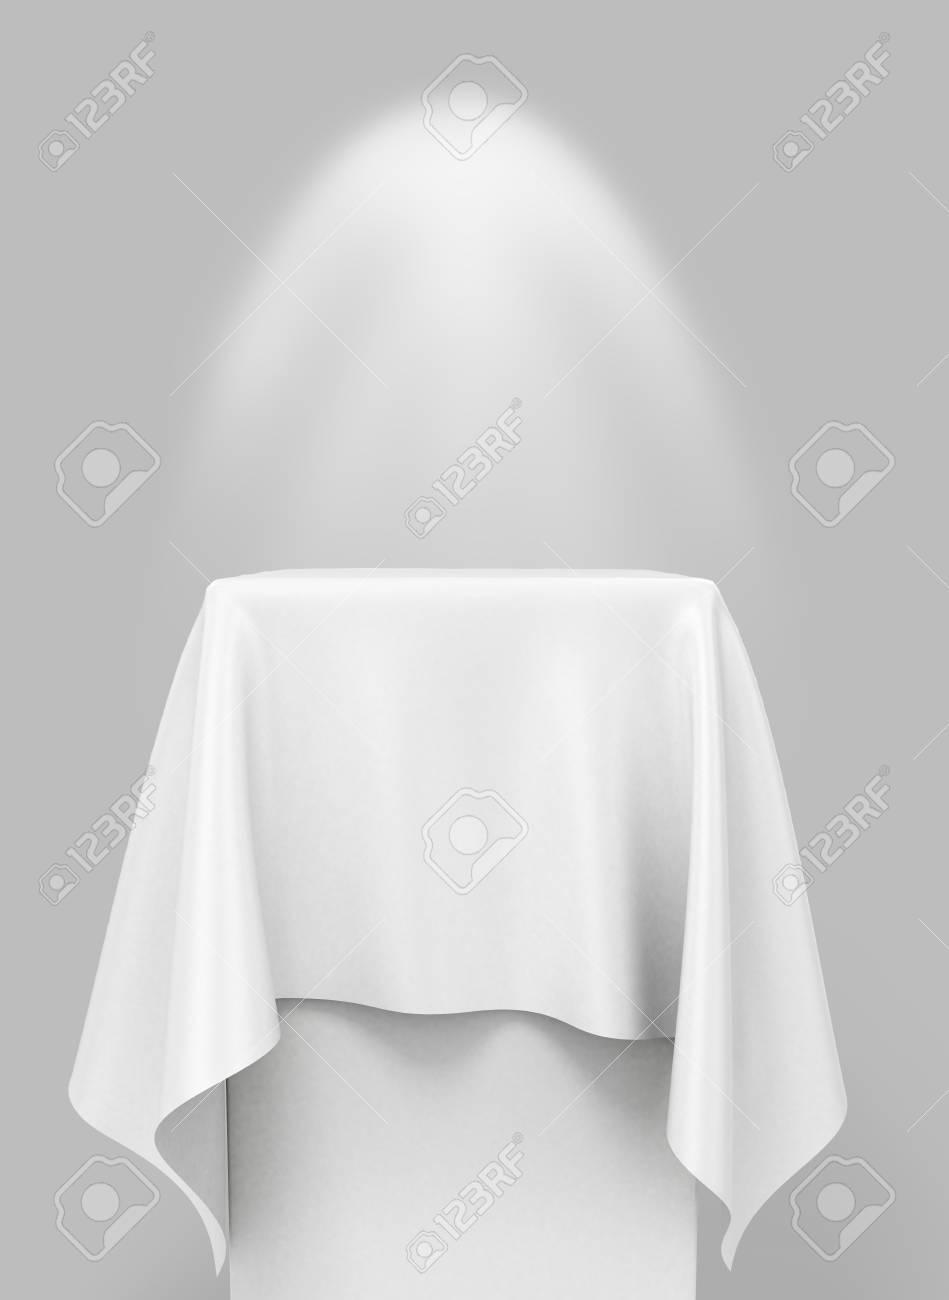 Standard Bild   Weißen Tuch Auf Einem Quadratischen Sockel, Auf Einem  Grauen Hintergrund Mit Beleuchtung